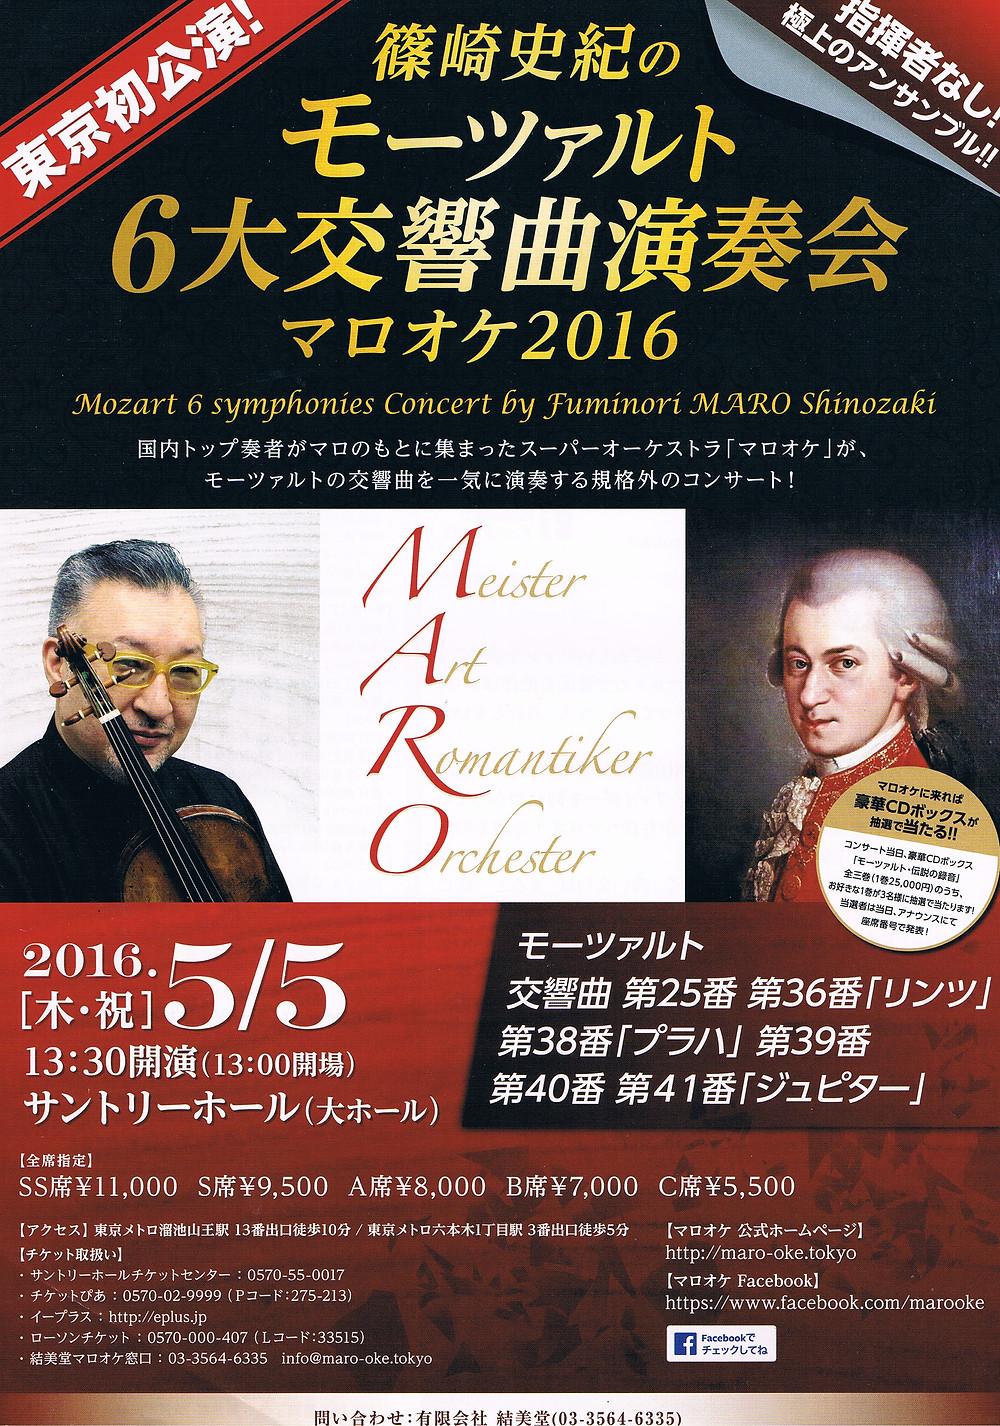 5月5日、いよいよマロオケ初の東京公演!